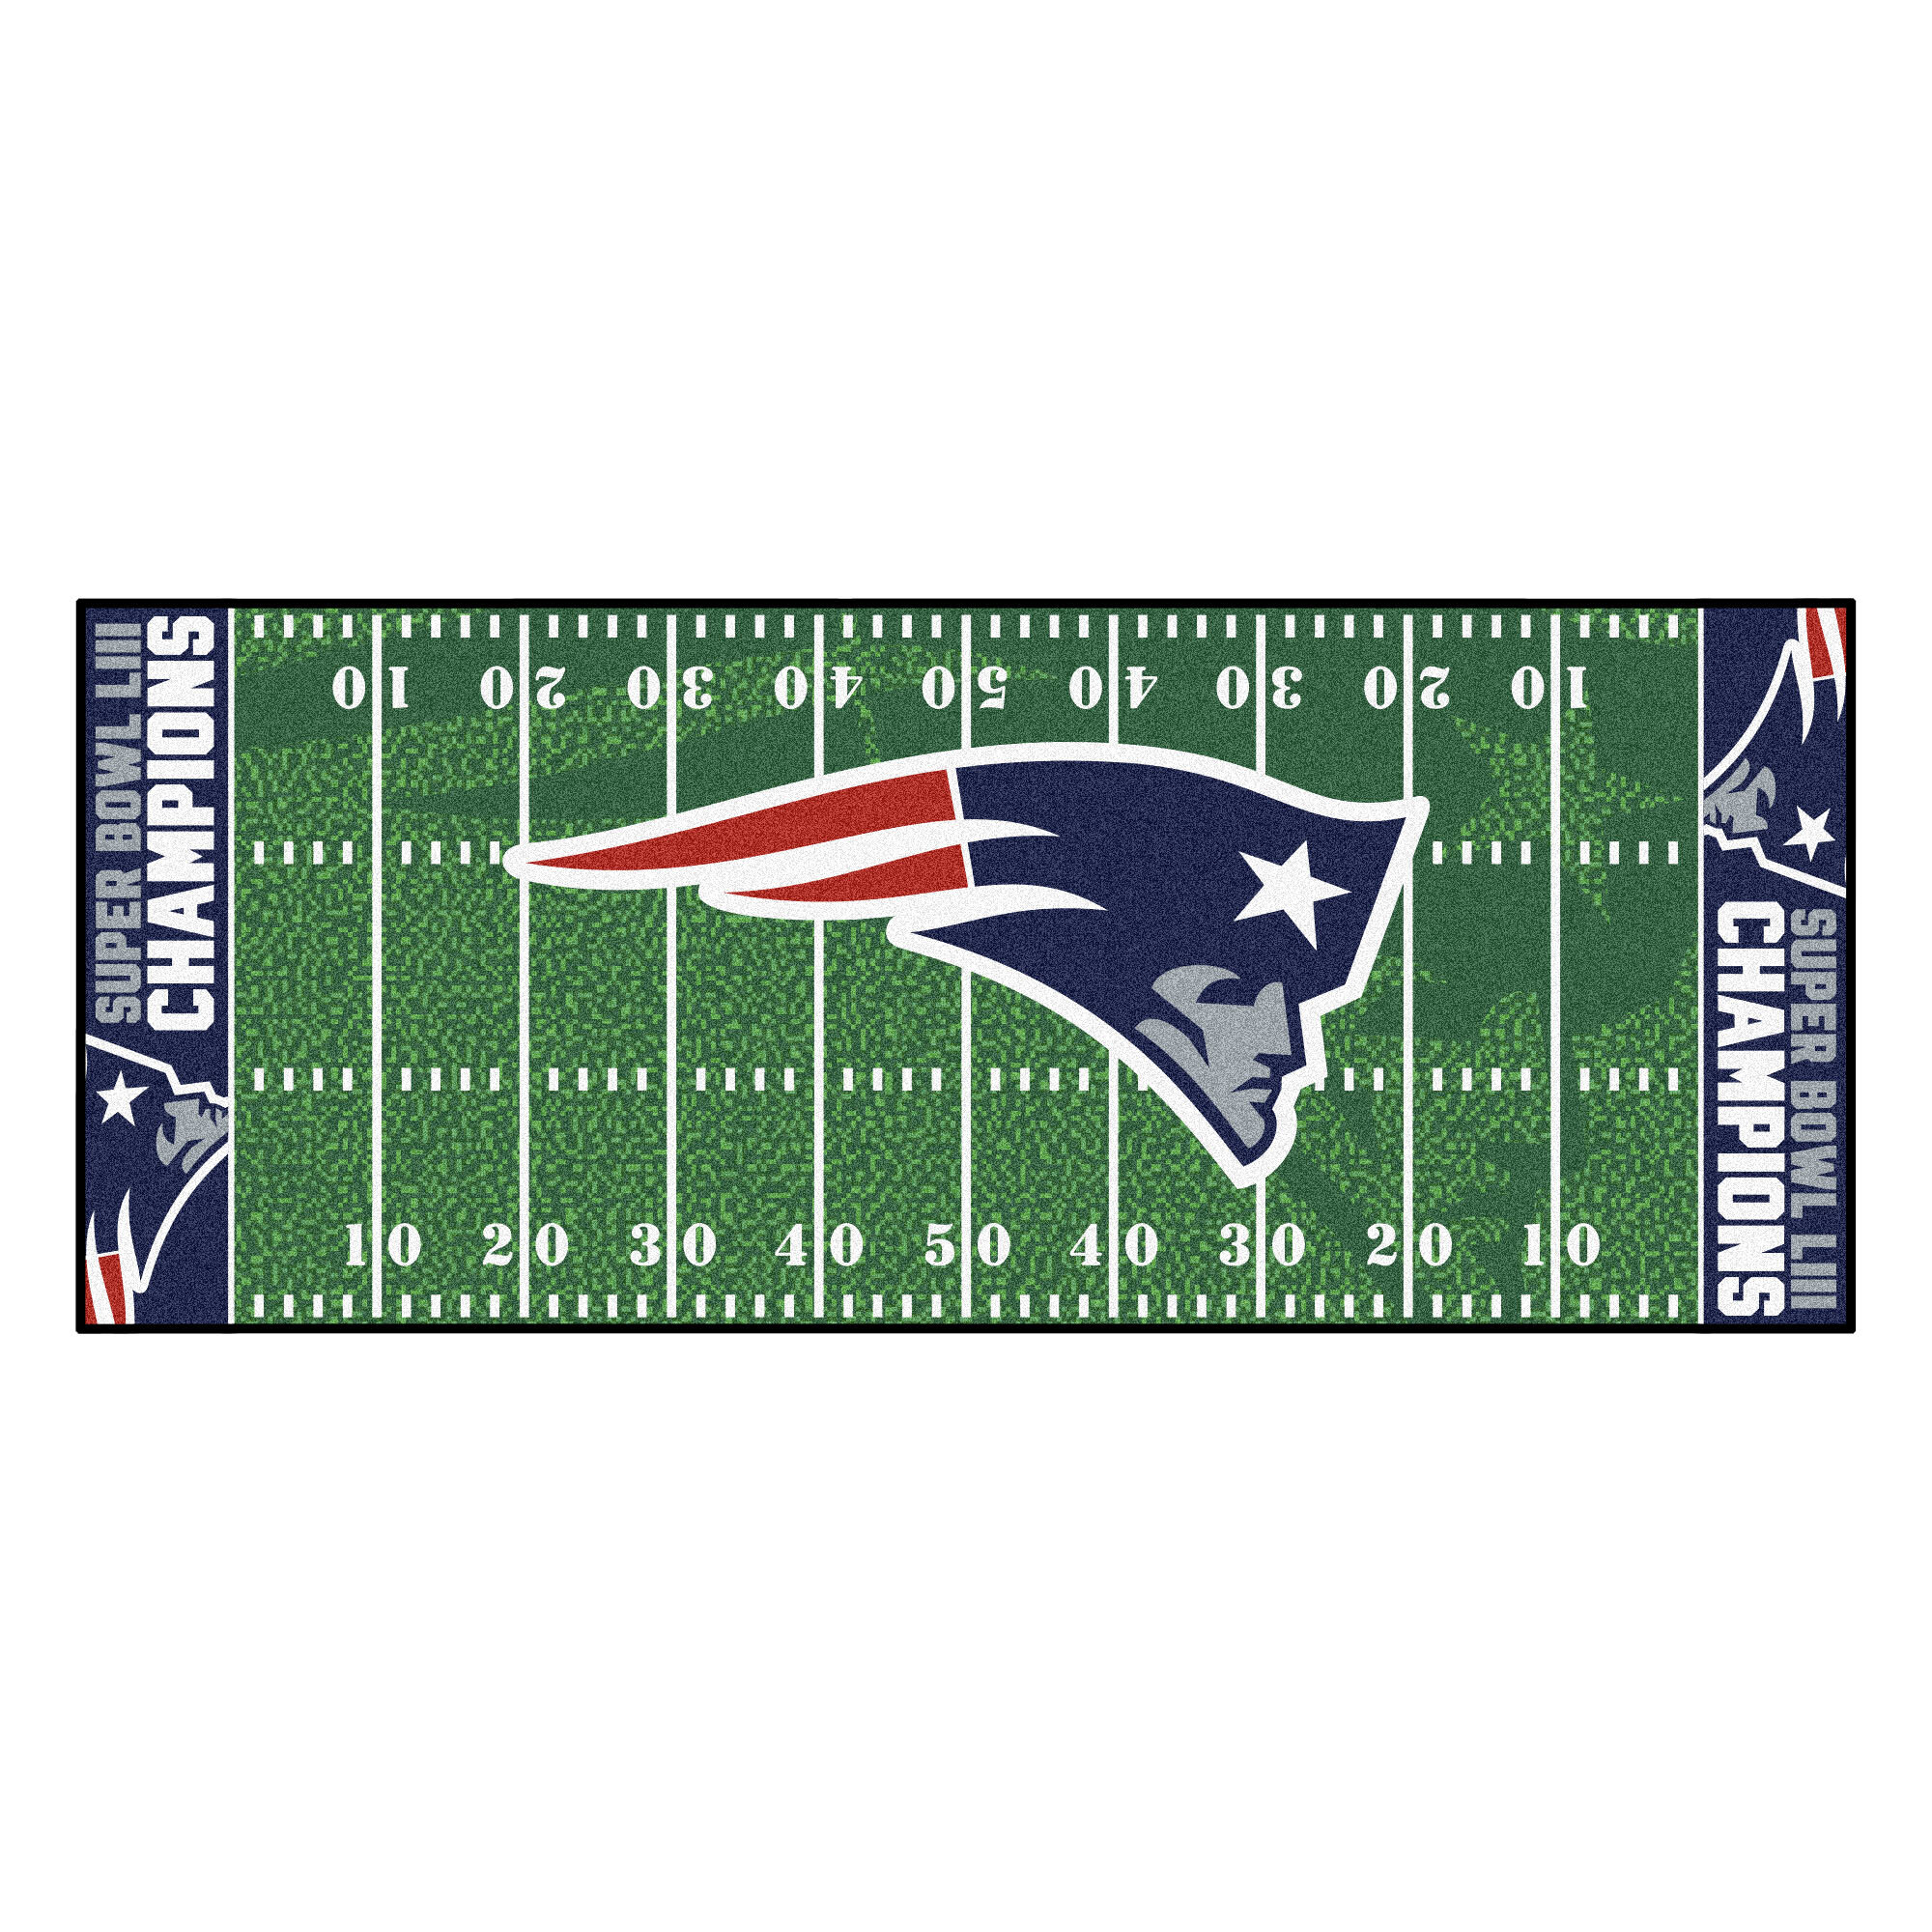 FANMATS Super Bowl LIII Champions Football Field Green